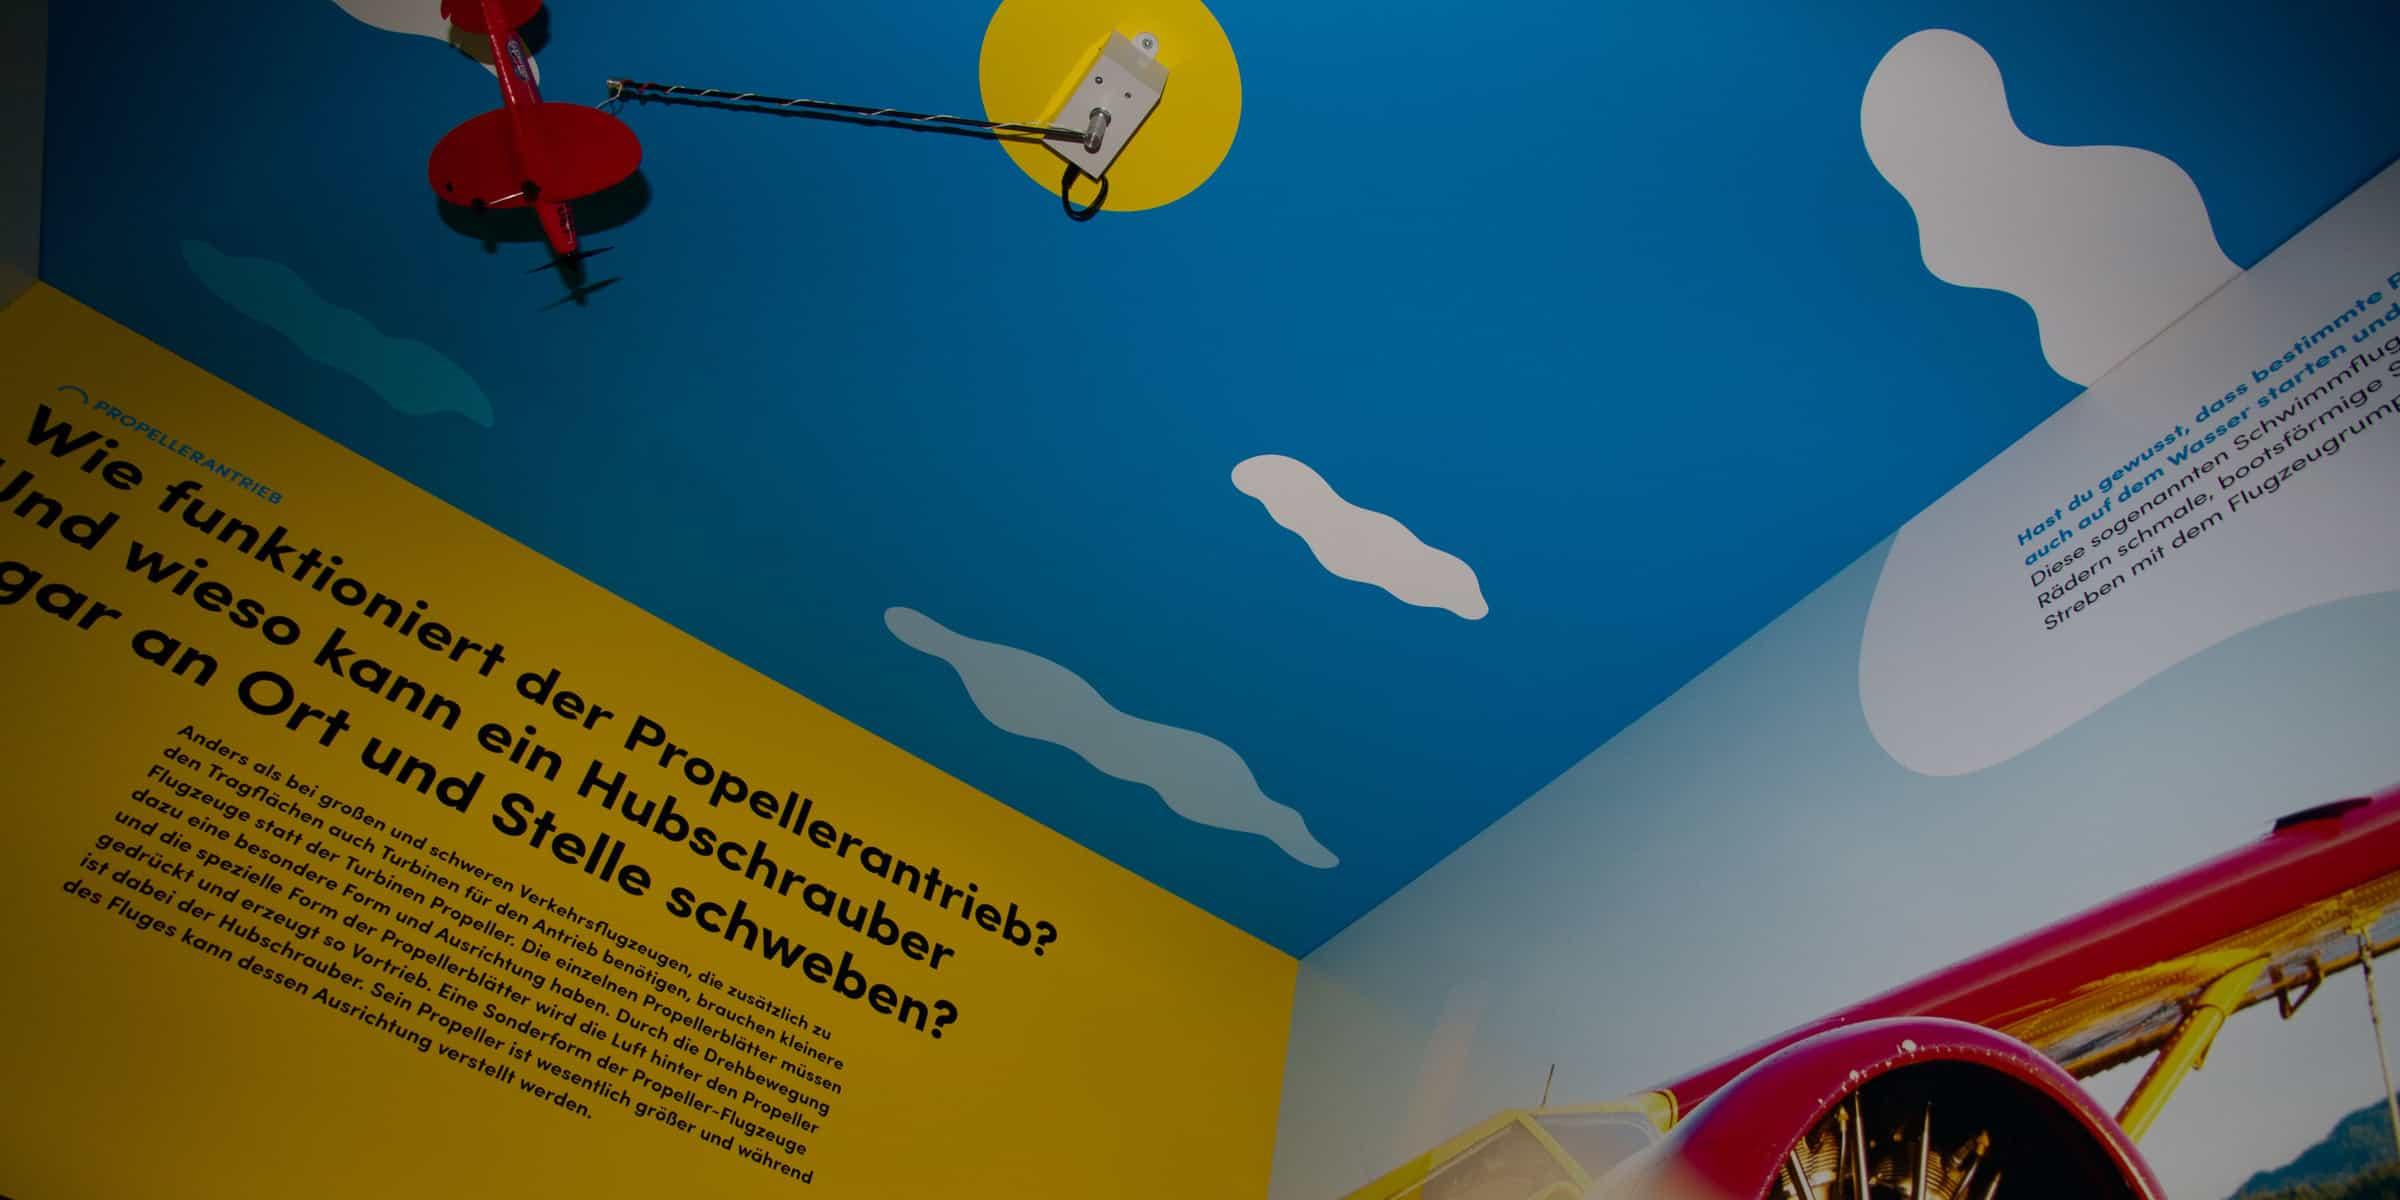 Das Propeller-Flugzeug an der Decke wird mittels Lichtsensoren angetrieben.